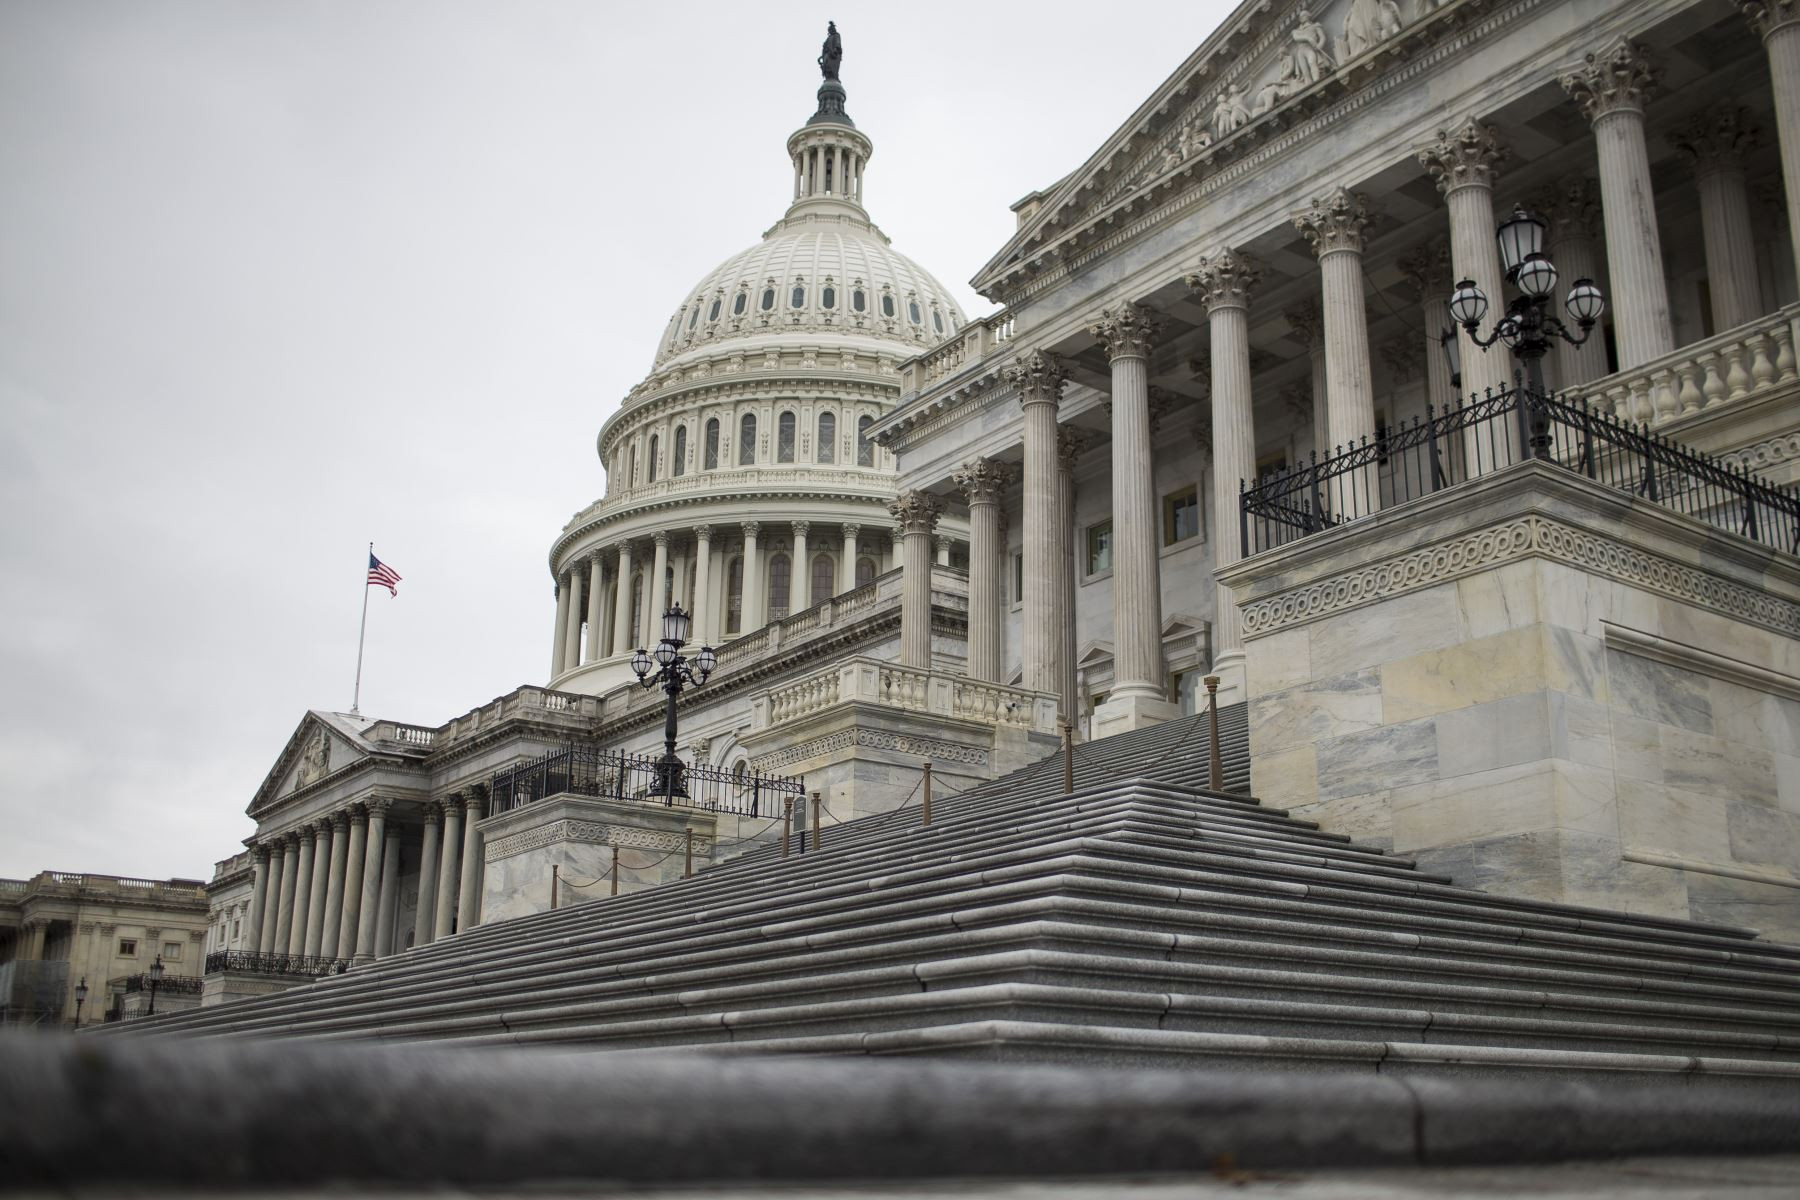 seguidores-de-trump-irrumpen-en-el-capitolio-de-washington-y-se-suspende-la-sesion-para-ratificar-la-victoria-de-joe-bidennbsp